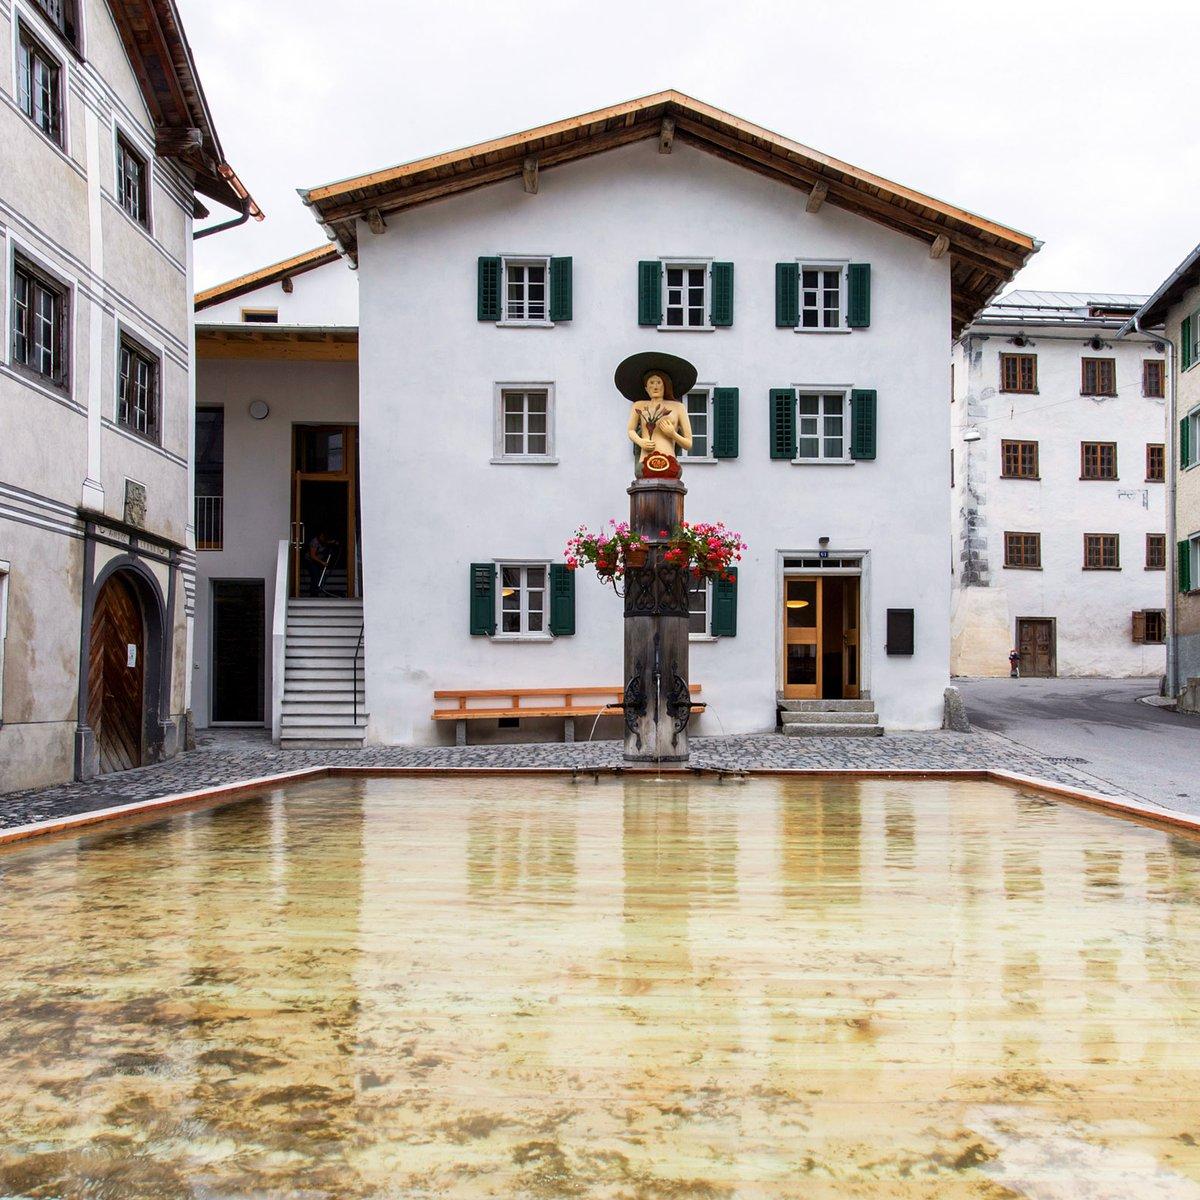 Das Gasthaus am grössten historischen Holzbrunnen Europas